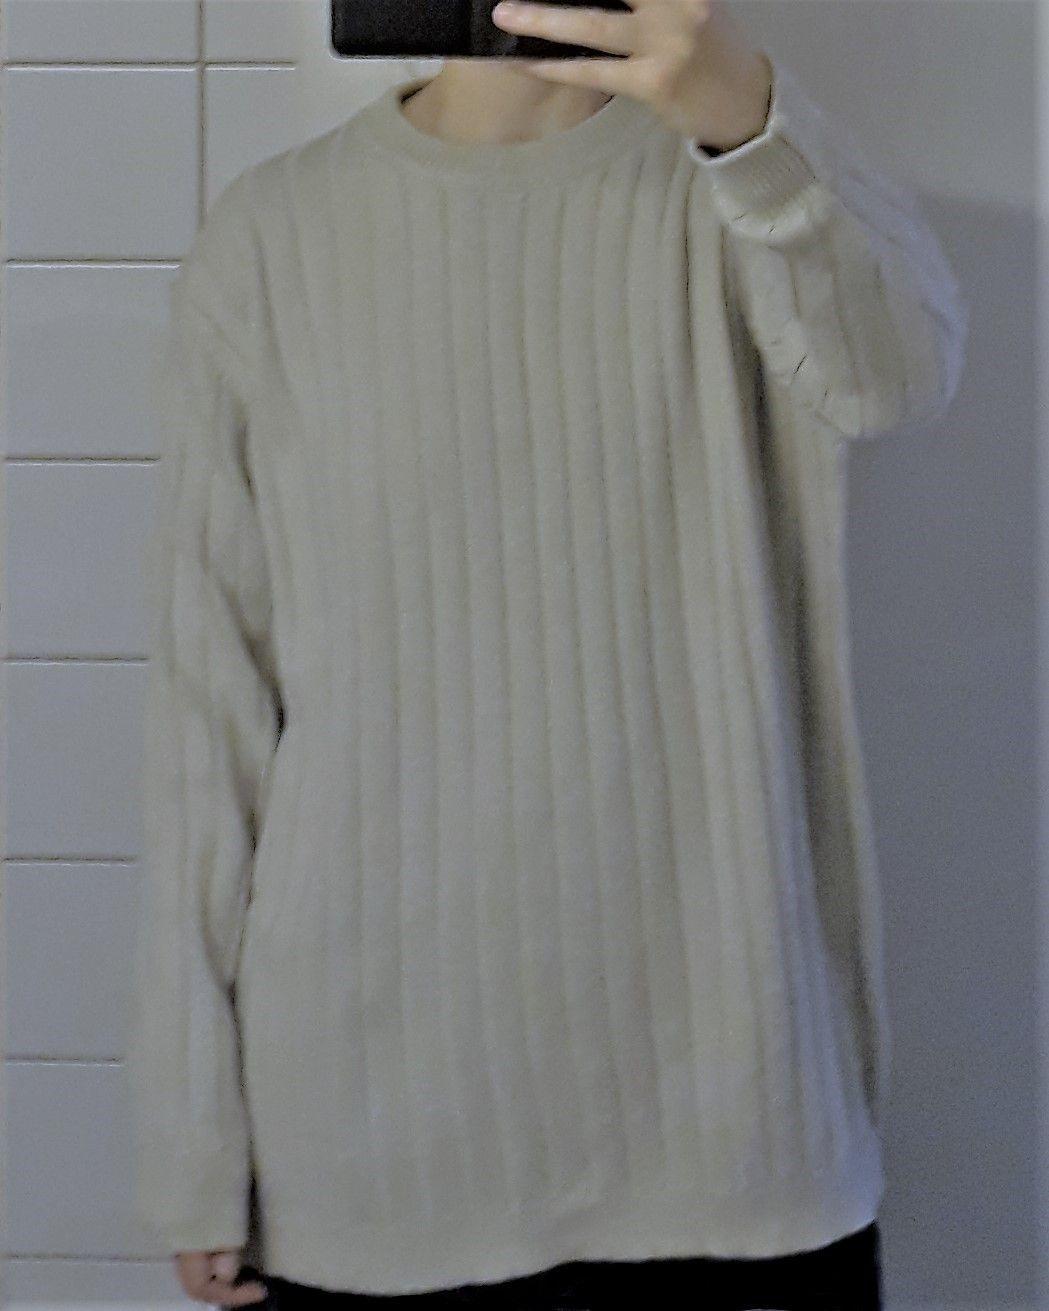 d0d455831 Beige hvit strikkegenser oversize genser langermet | FINN.no